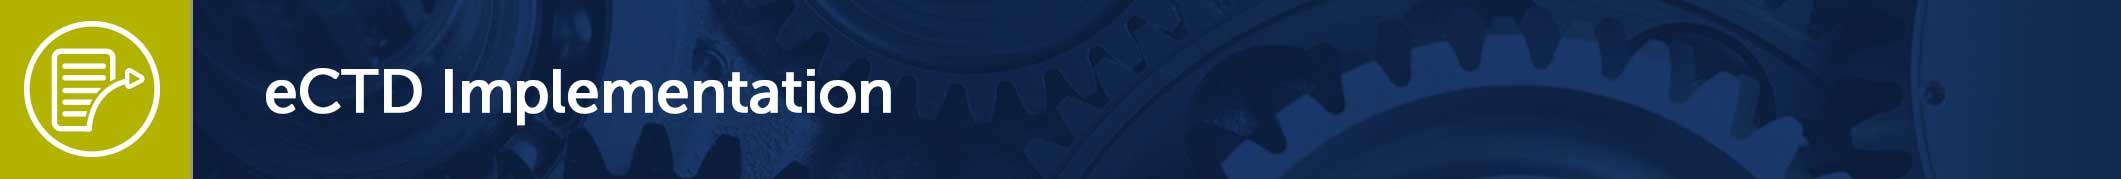 guidance document preparation of drug regulatory activities in ectd format